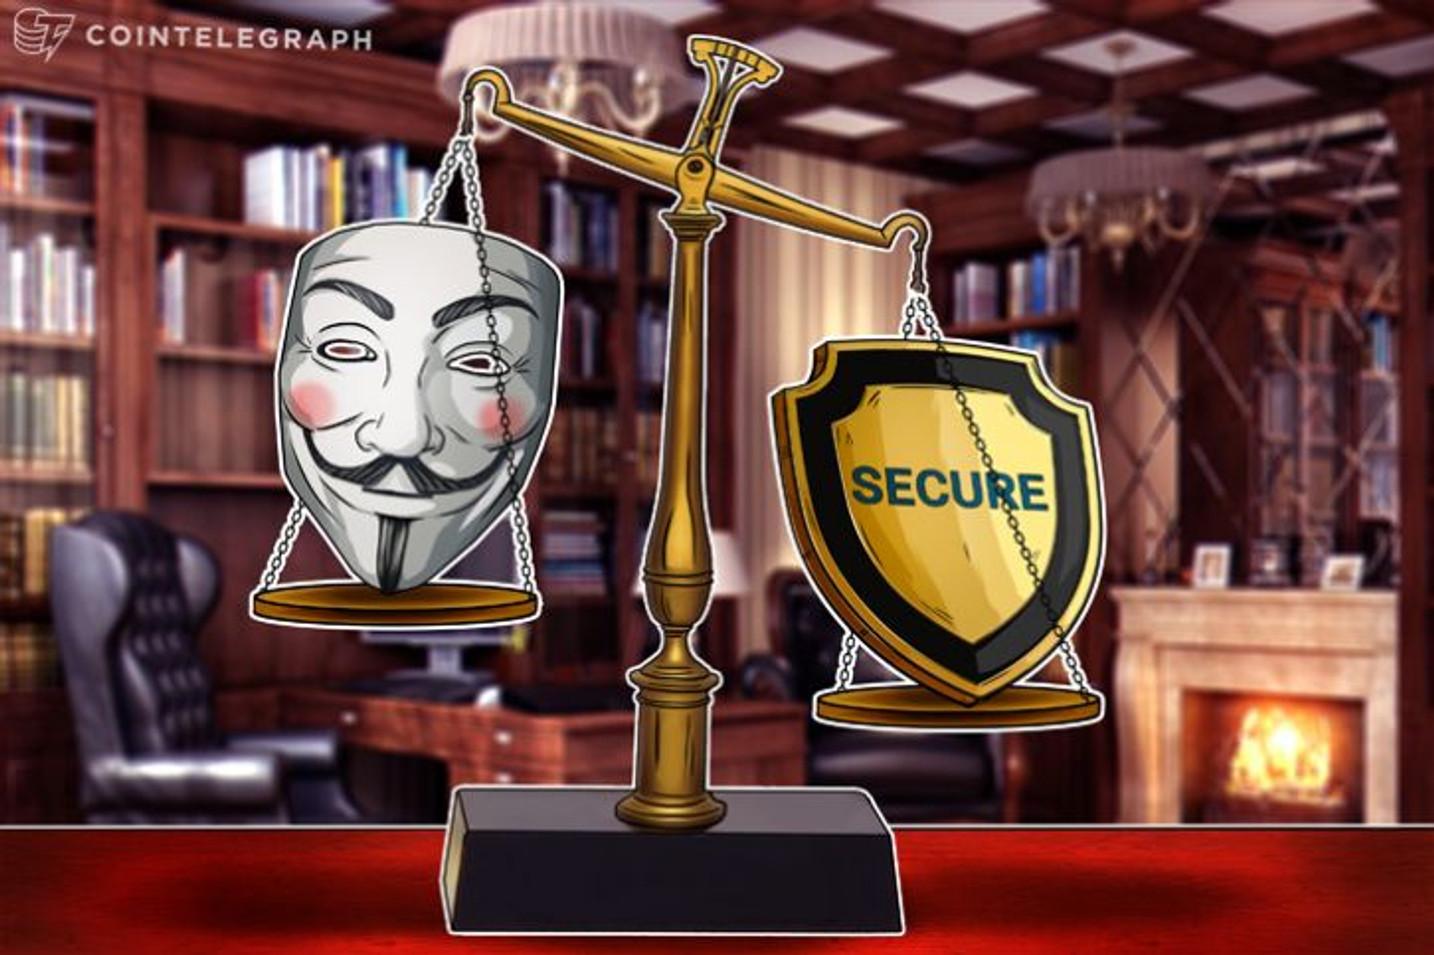 Brasil é o segundo país favorito dos fraudadores digitais, aponta pesquisa